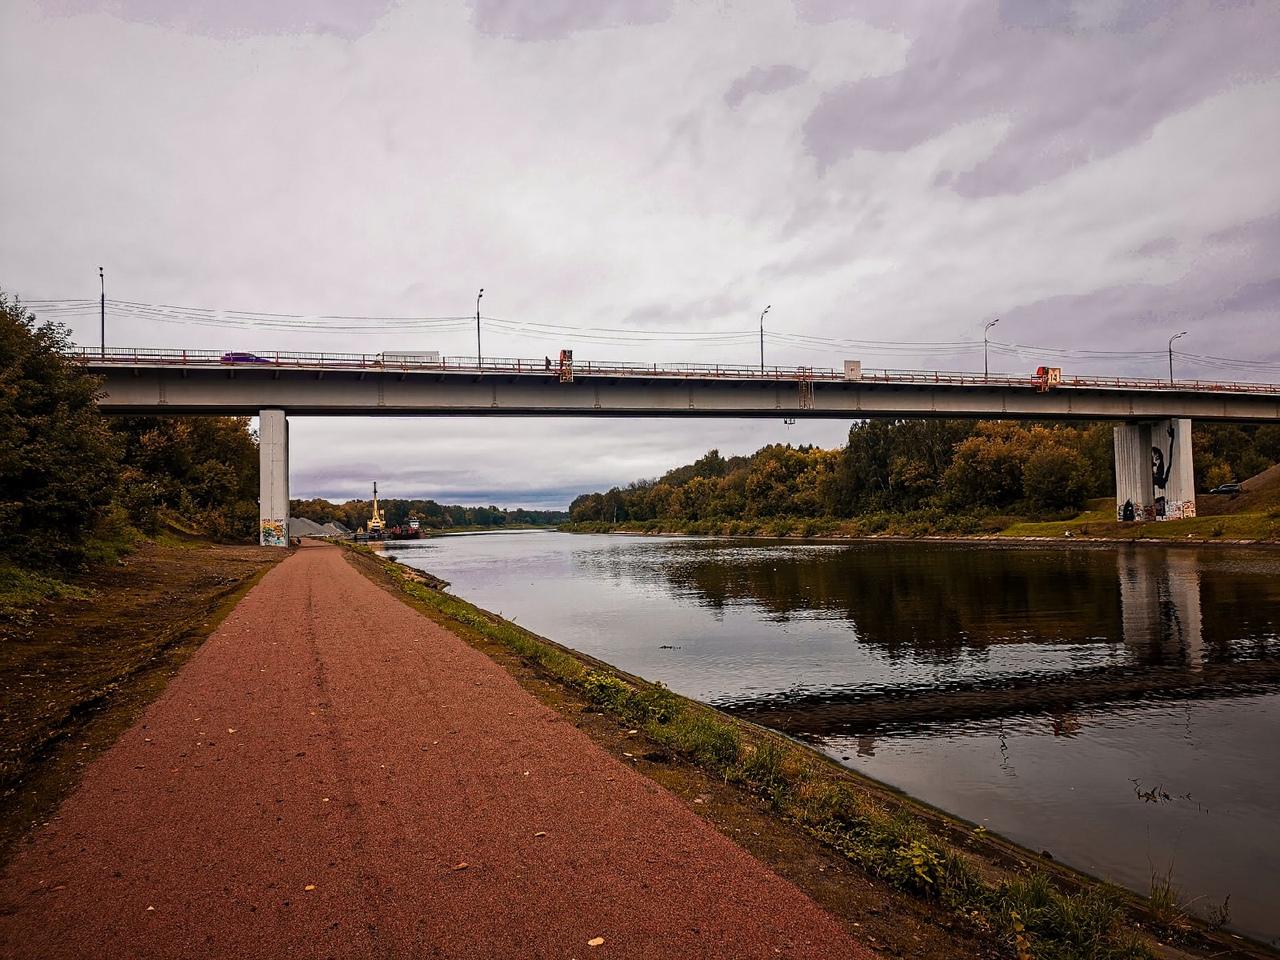 ВелоЛенин | Дмитров - Велосипеды Велотуризм Вело провело разведку на стратегическом объекте!